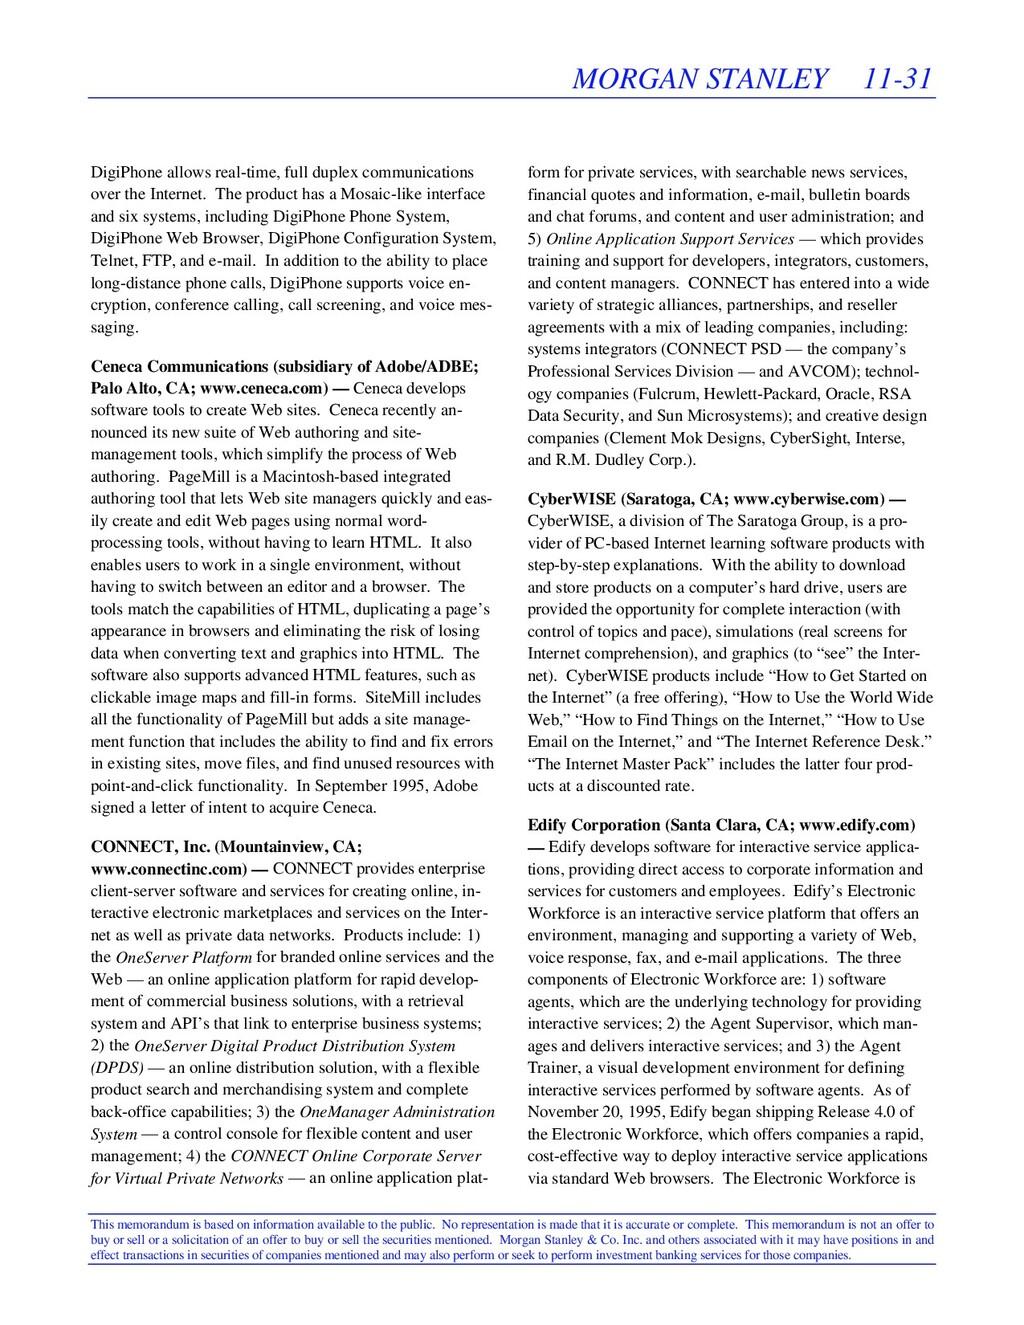 MORGAN STANLEY 11-31 This memorandum is based o...